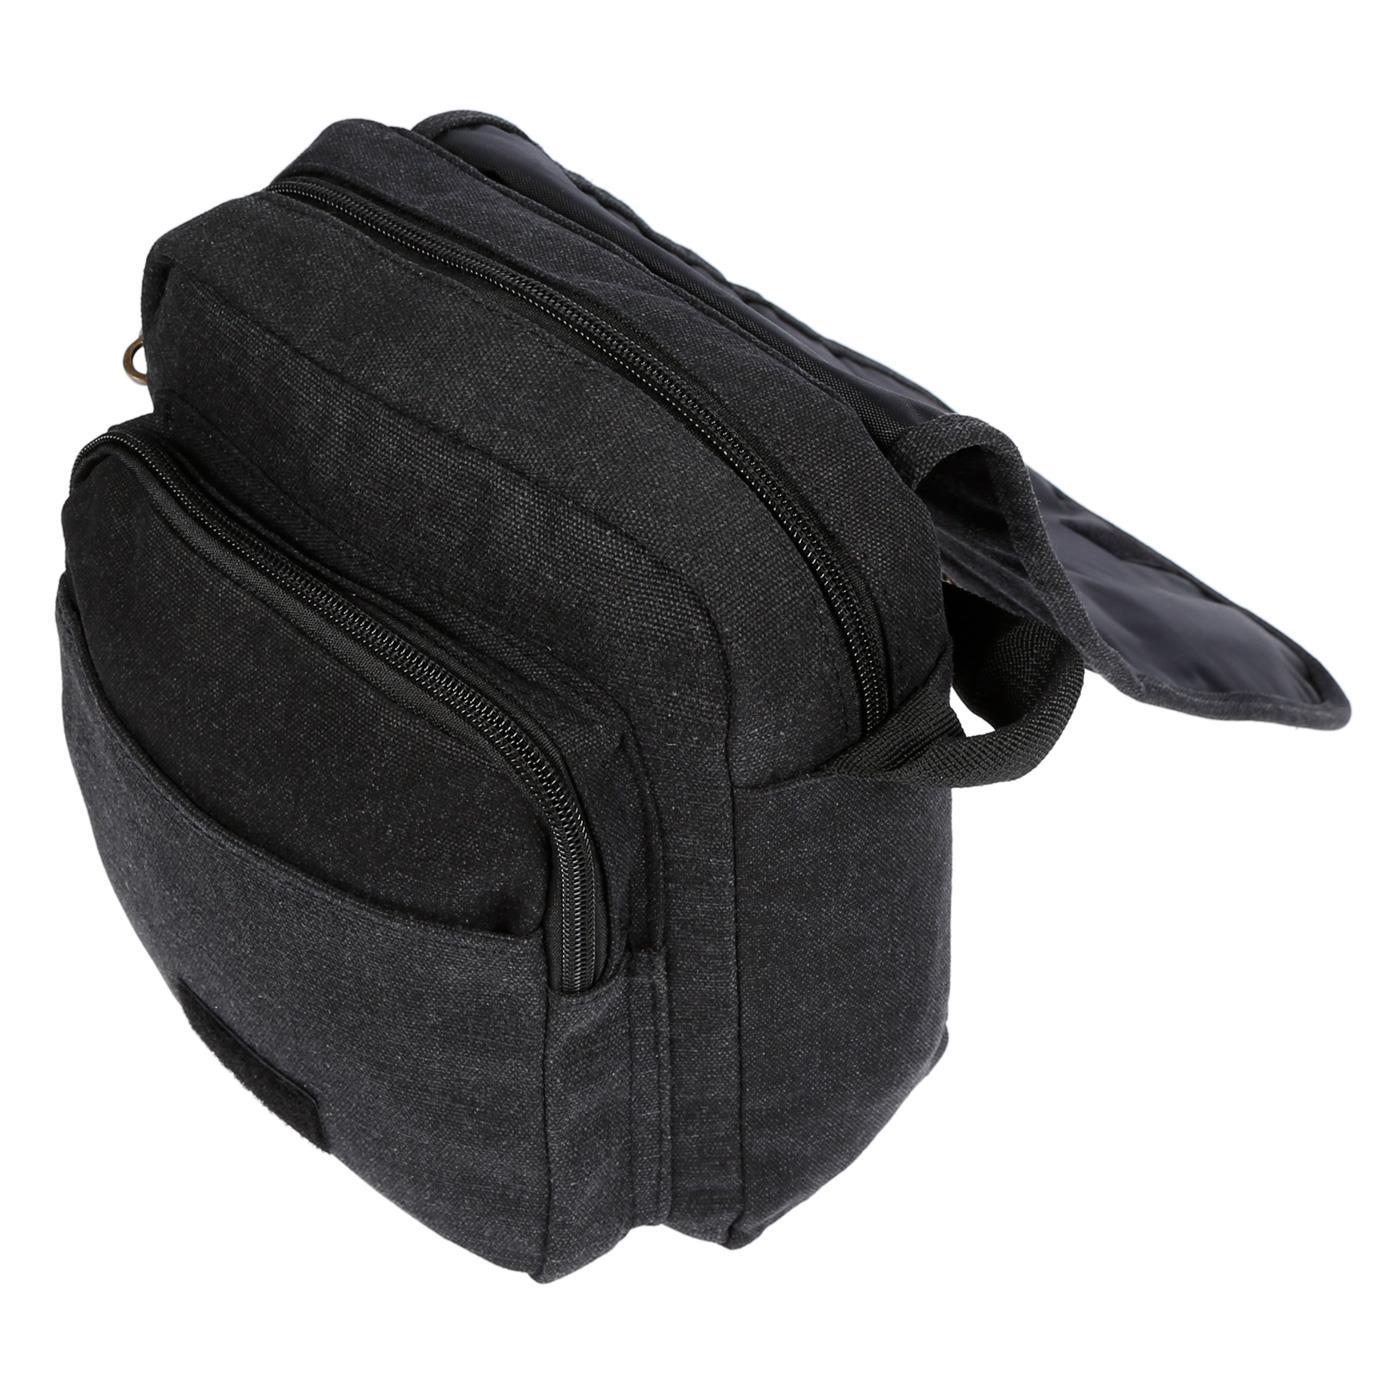 Damen-Herren-Tasche-Canvas-Umhaengetasche-Schultertasche-Crossover-Bag-Handtasche Indexbild 15